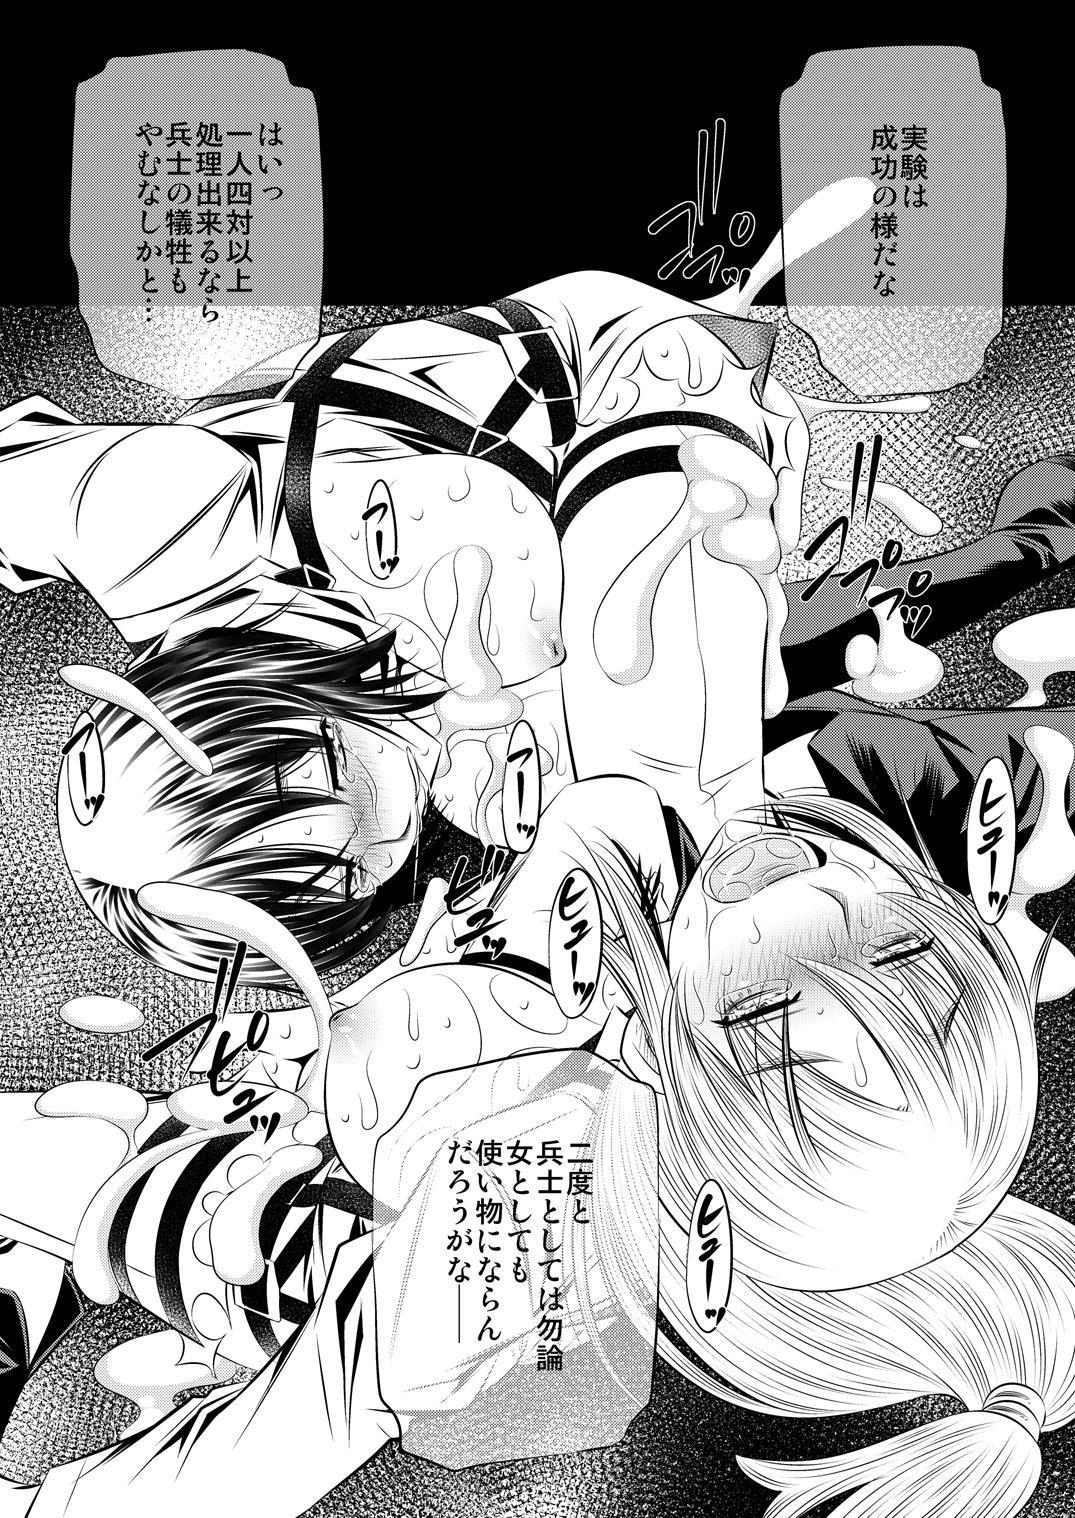 Shingeki no Kyokon 22